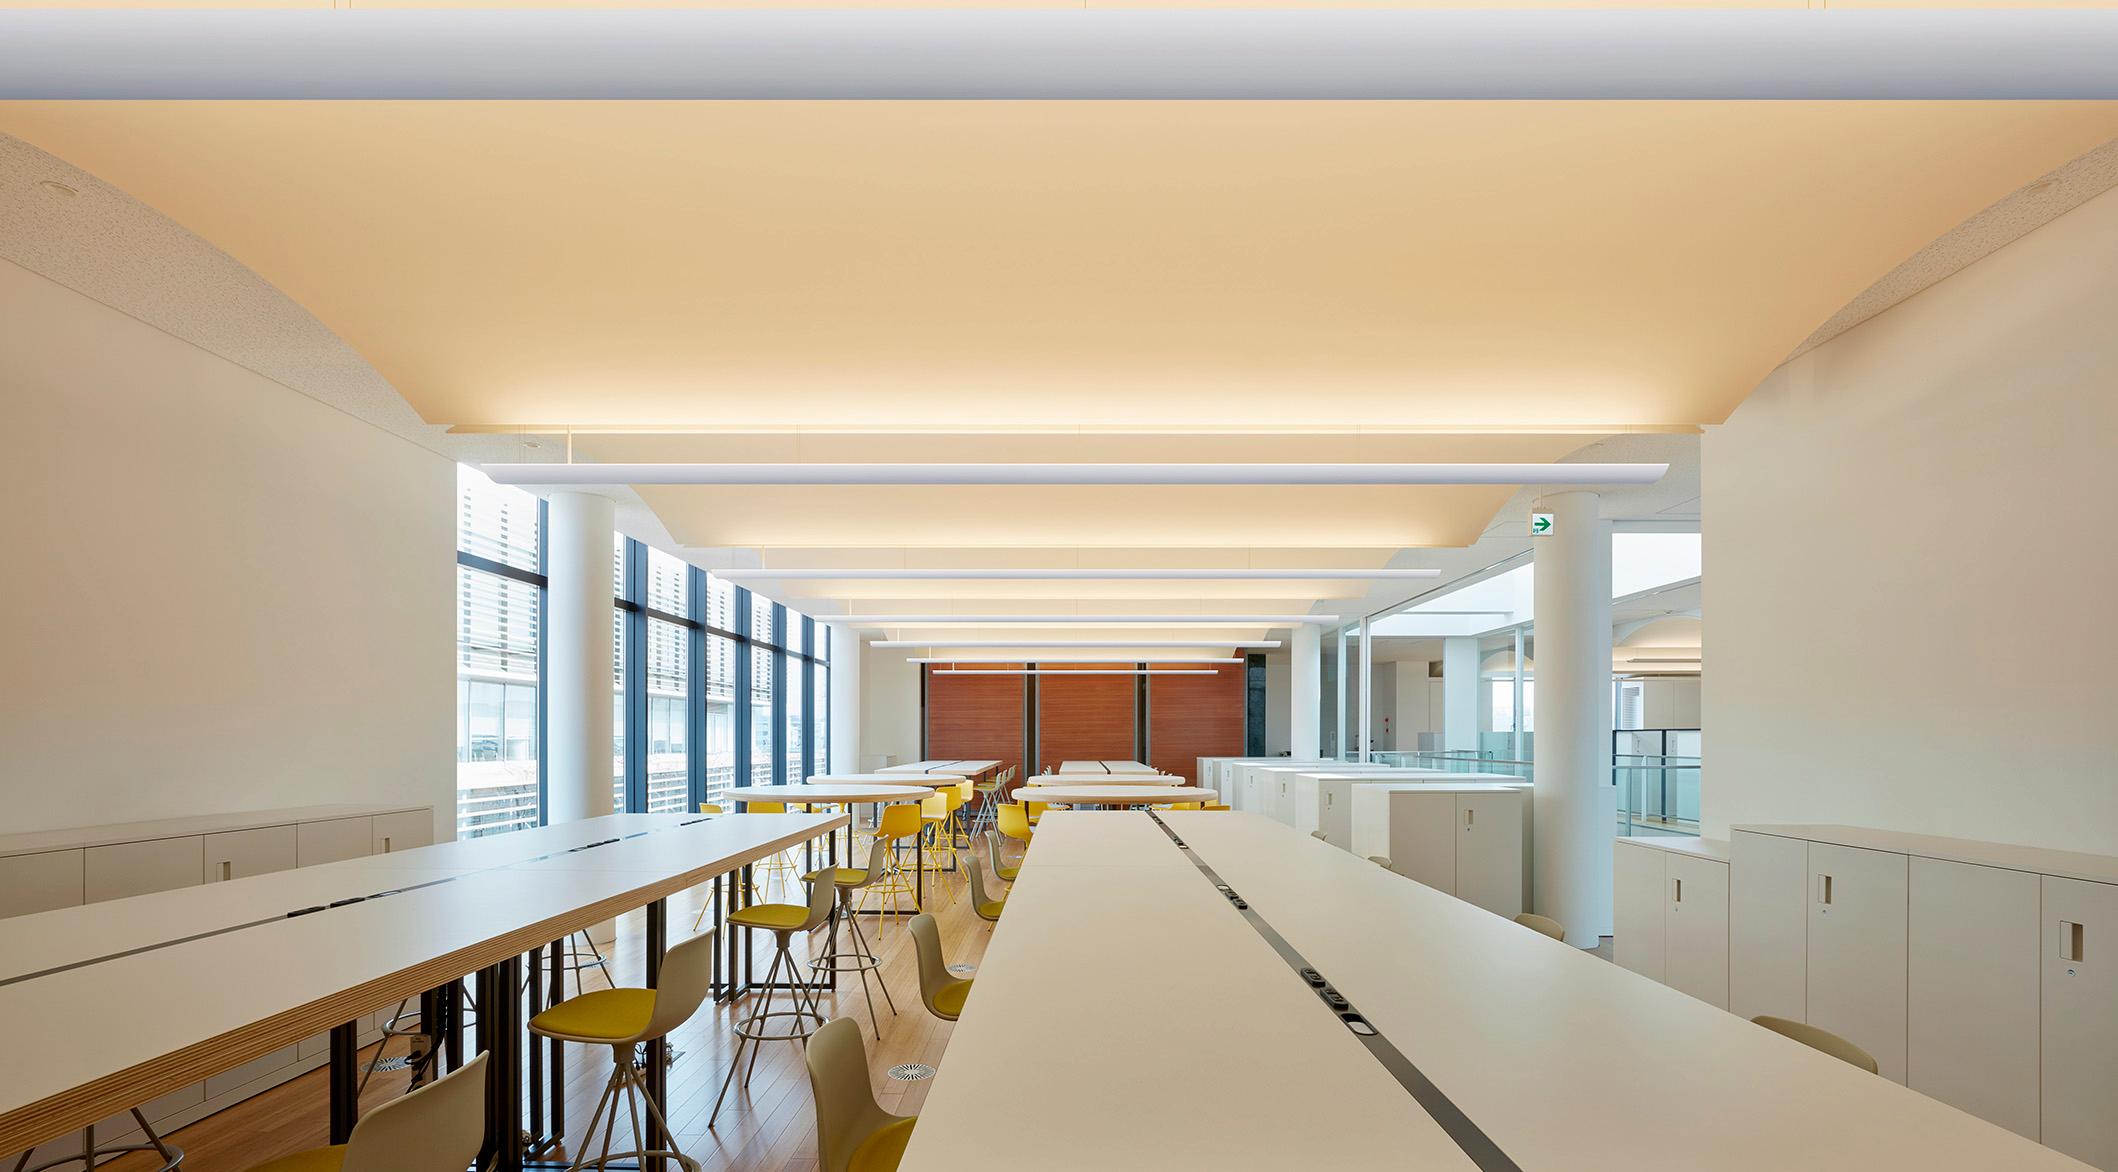 ボールト天井を美しく見せる コーリアン のオリジナル照明 天井